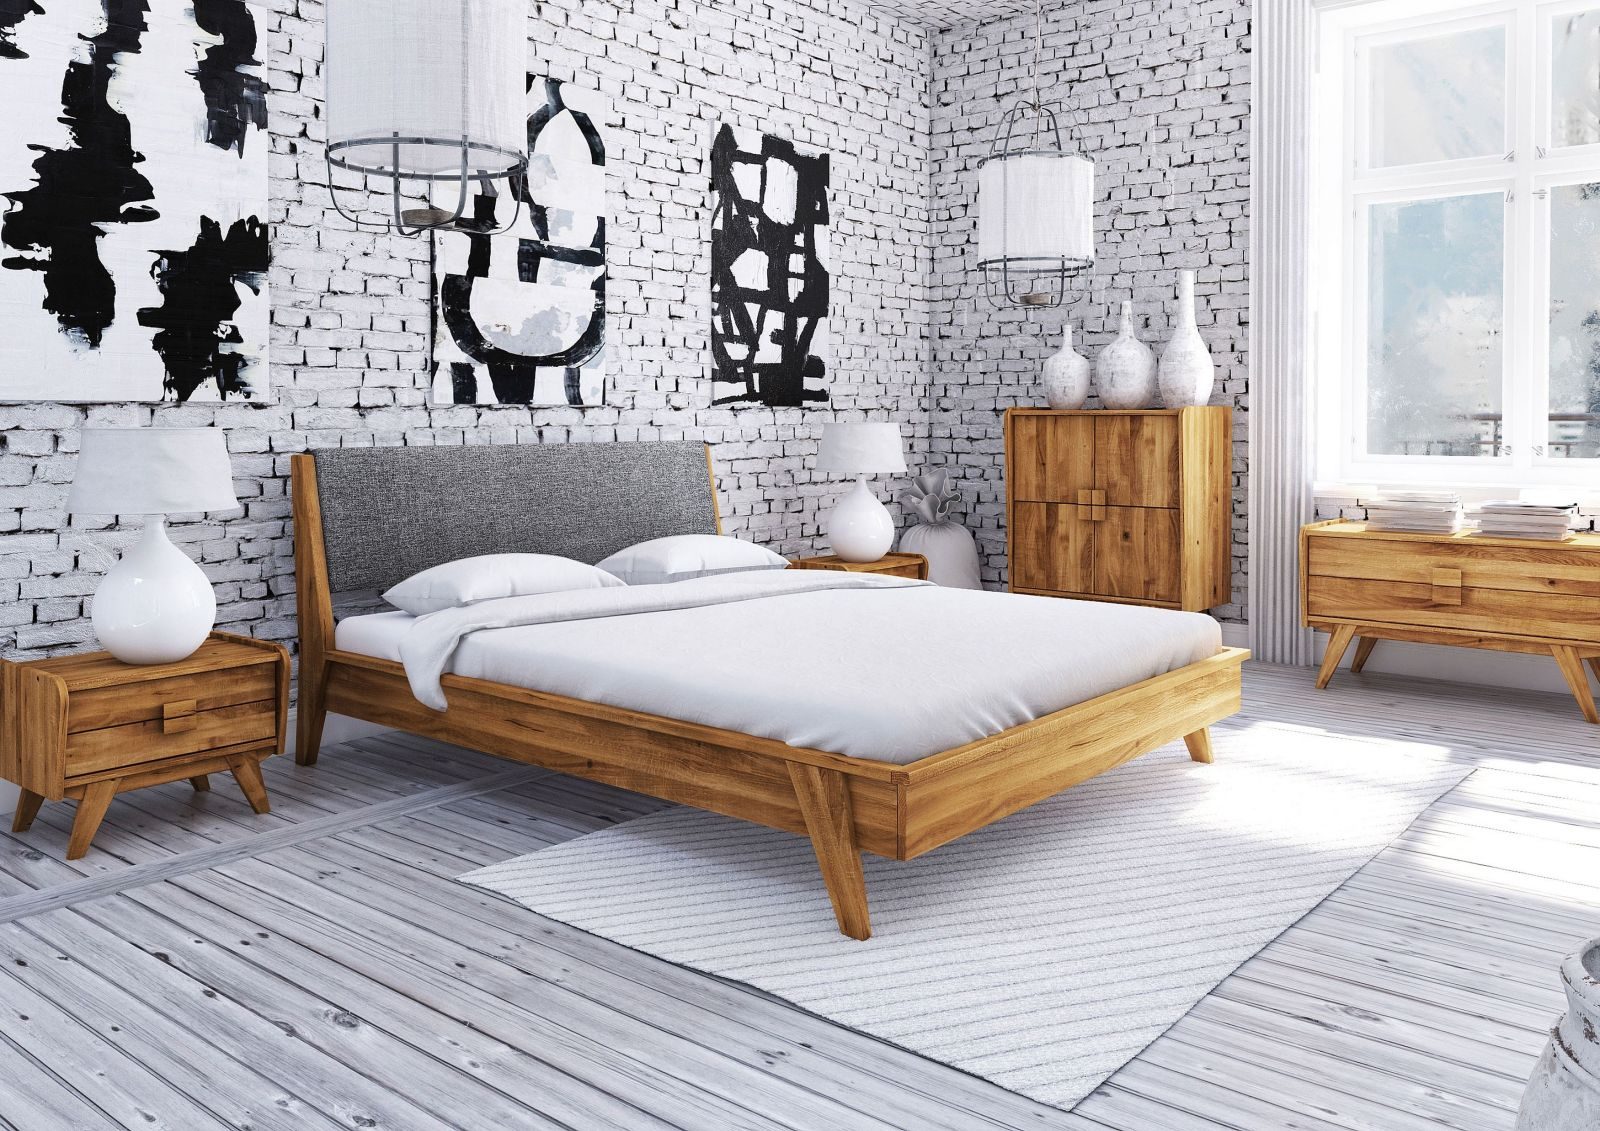 Full Size of Retro Bett Versandfrei Kaufen Massivmoebel24 Balinesische Betten Mit Aufbewahrung Günstig Kopfteile Für 180x200 Frankfurt Japanische Billerbeck Nolte Bett Betten 160x200